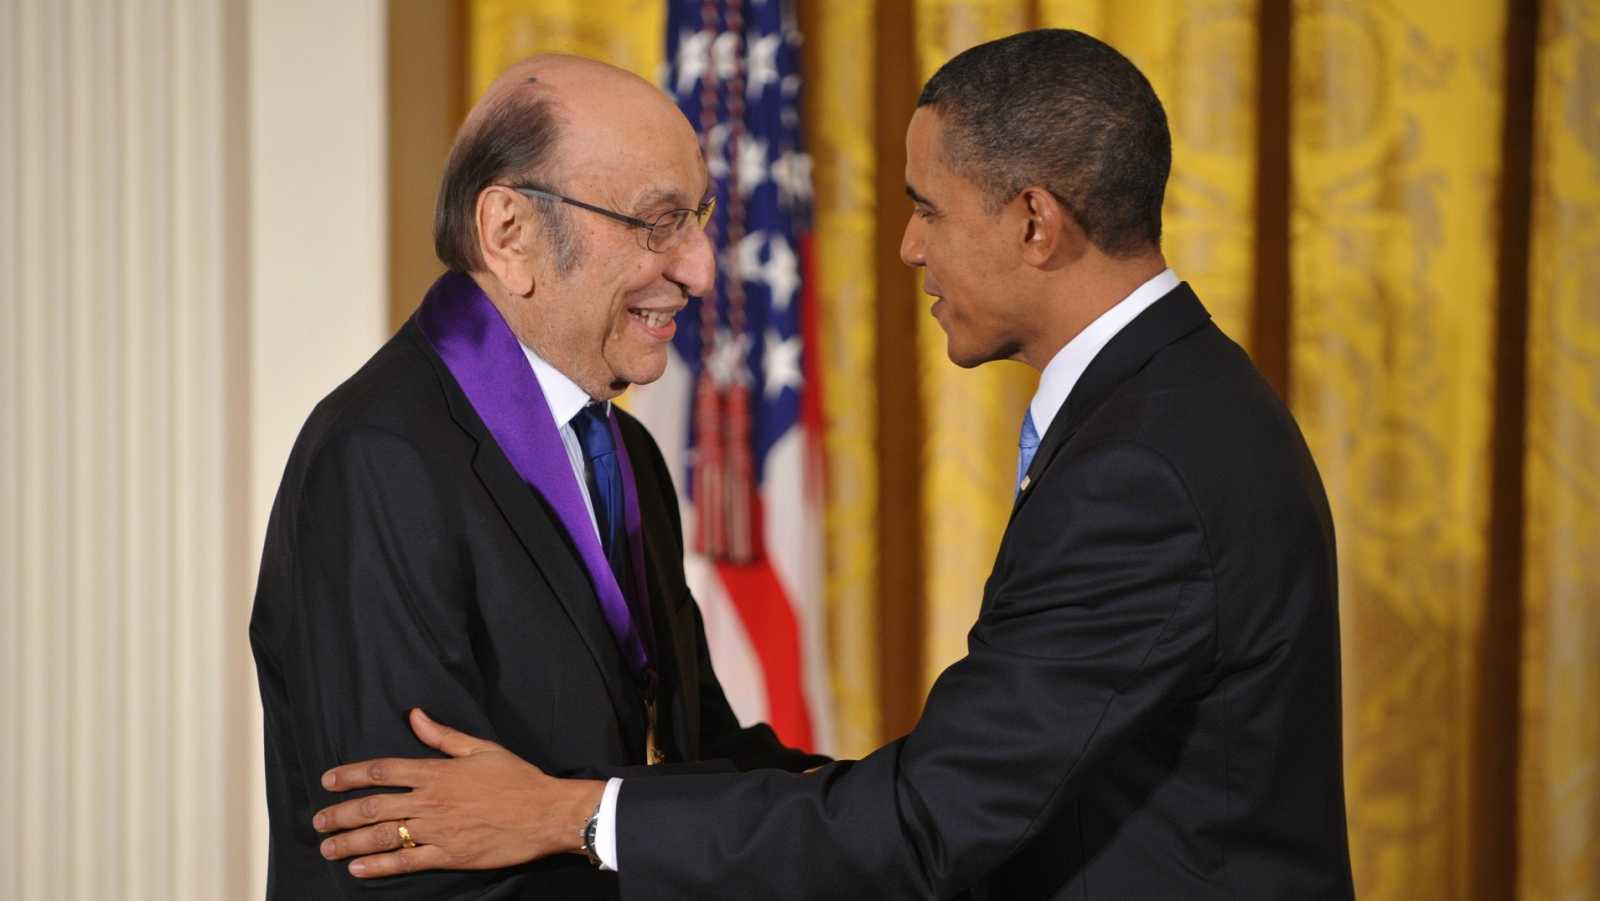 """El diseñador gráfico Milton Glaser, creador del logo """"I love NY"""", es saludado por el presidente de los Estados Unidos, Barack Obama"""